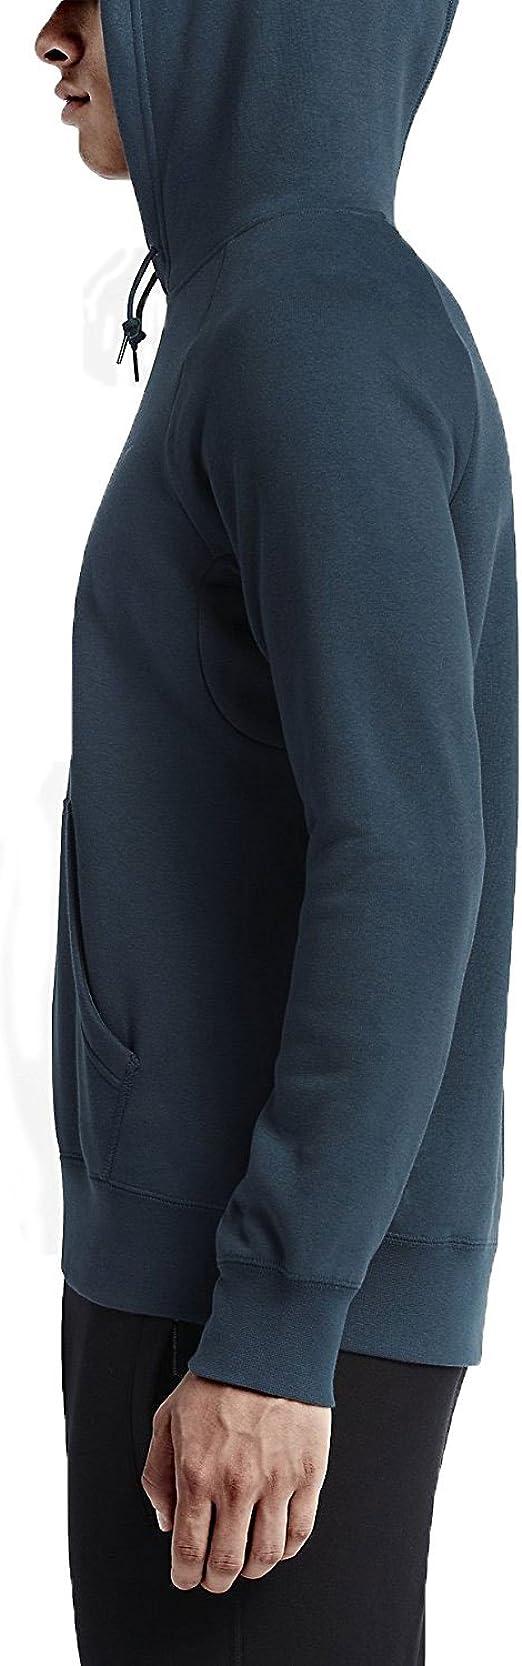 Nike SB G5 cm07 Sweat à capuche Icon réfléchissant Pull